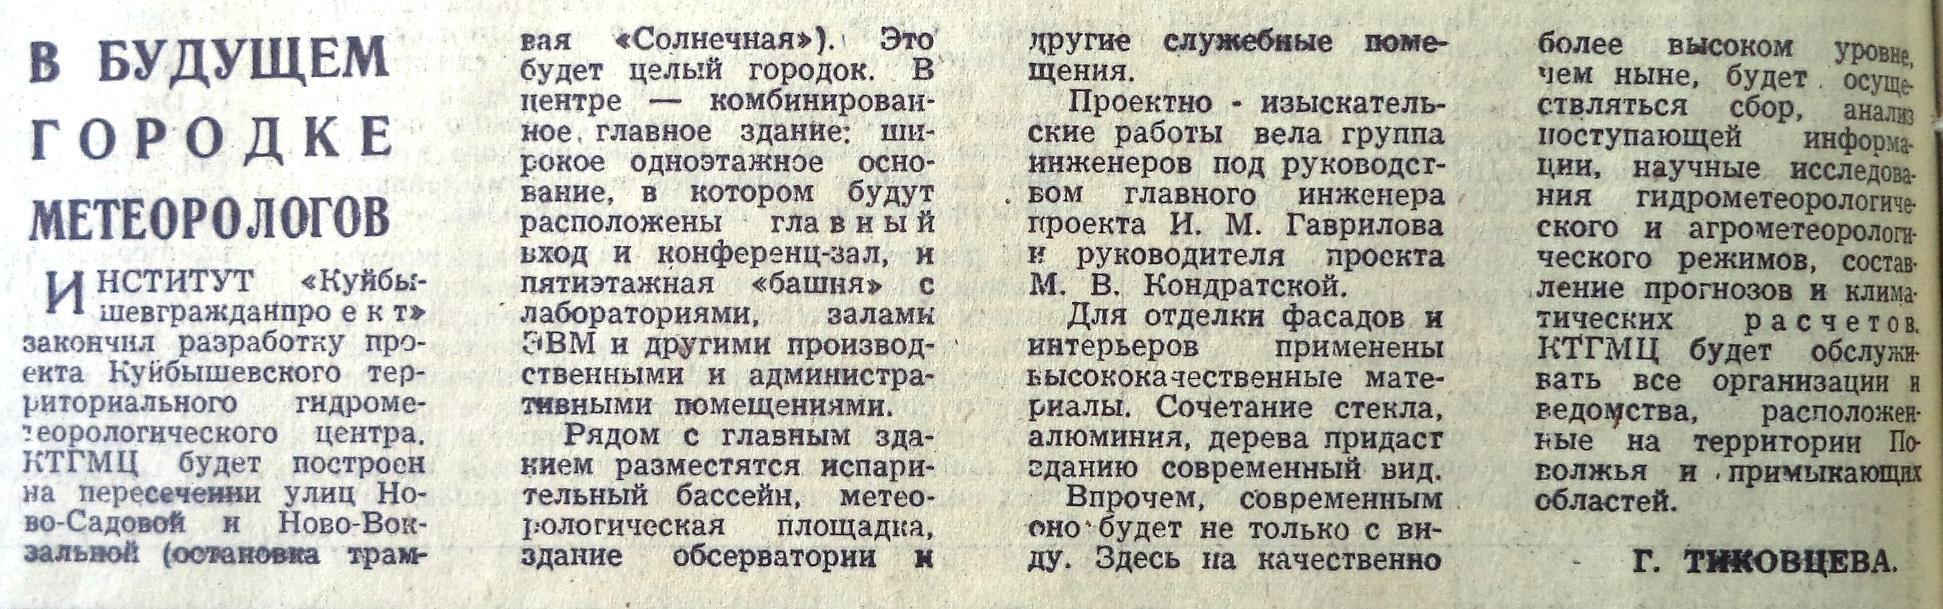 Ново-Садовая-ФОТО-79-ВЗя-1974-02-07-будущий Метеоцентр